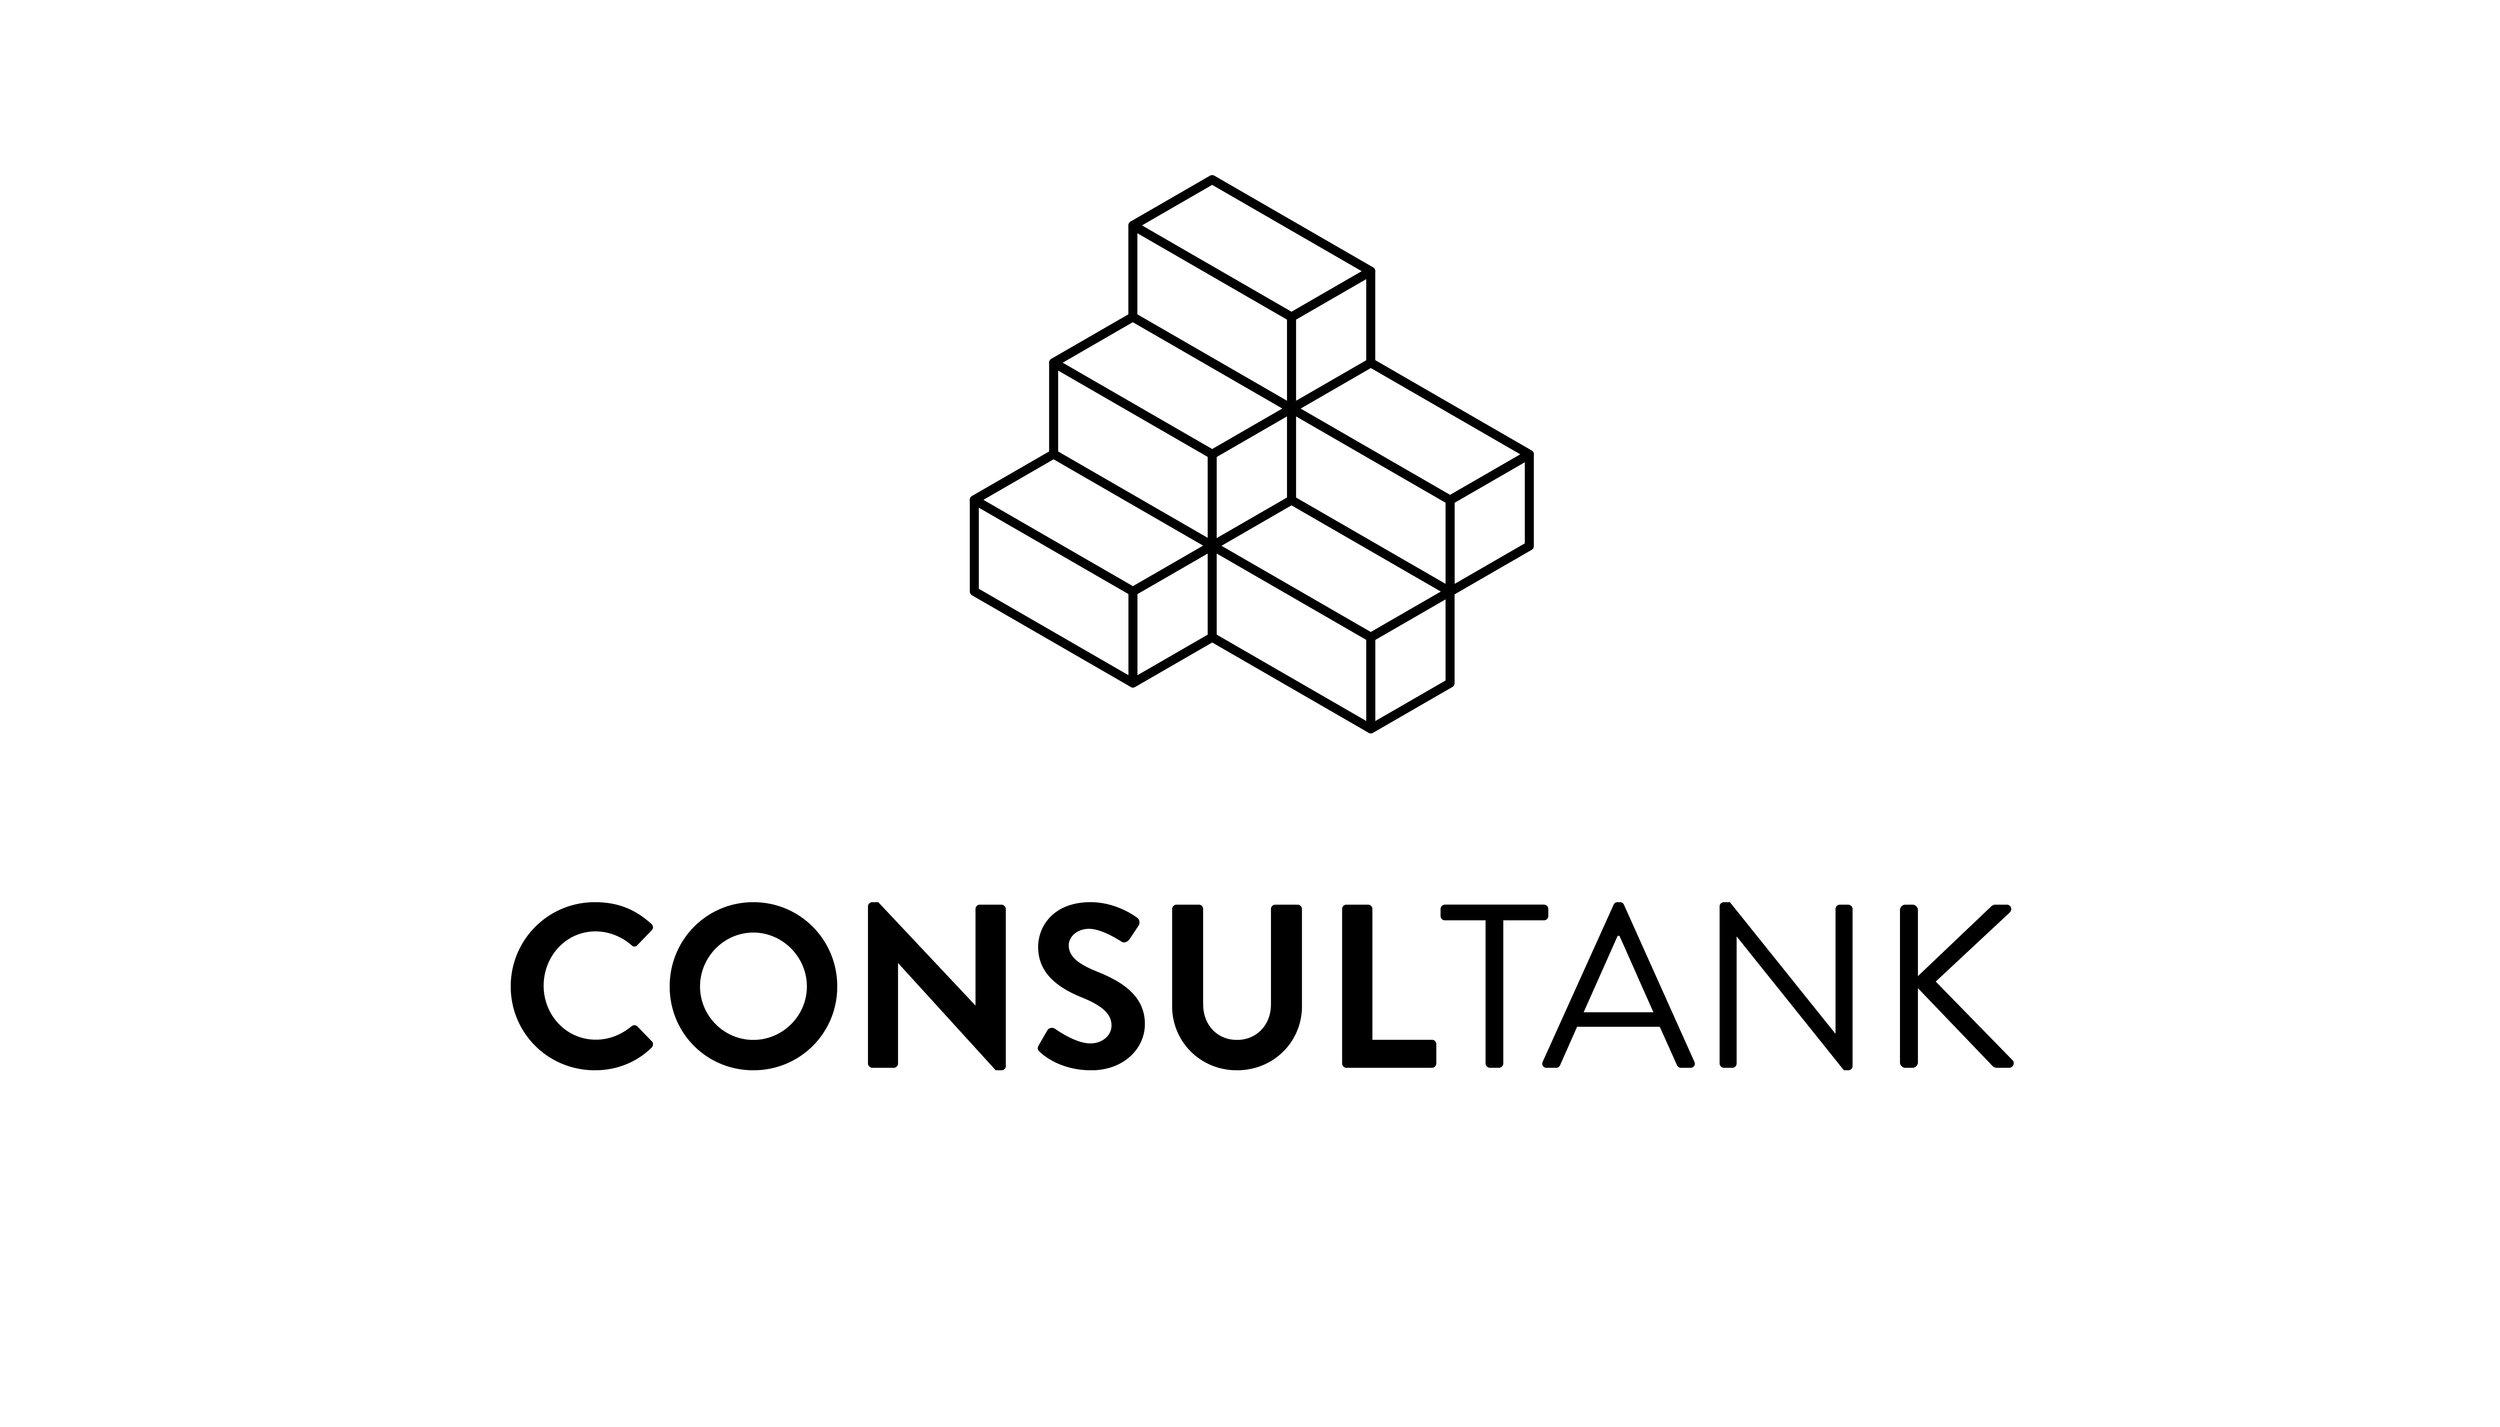 Brandmarks-consultank.jpg